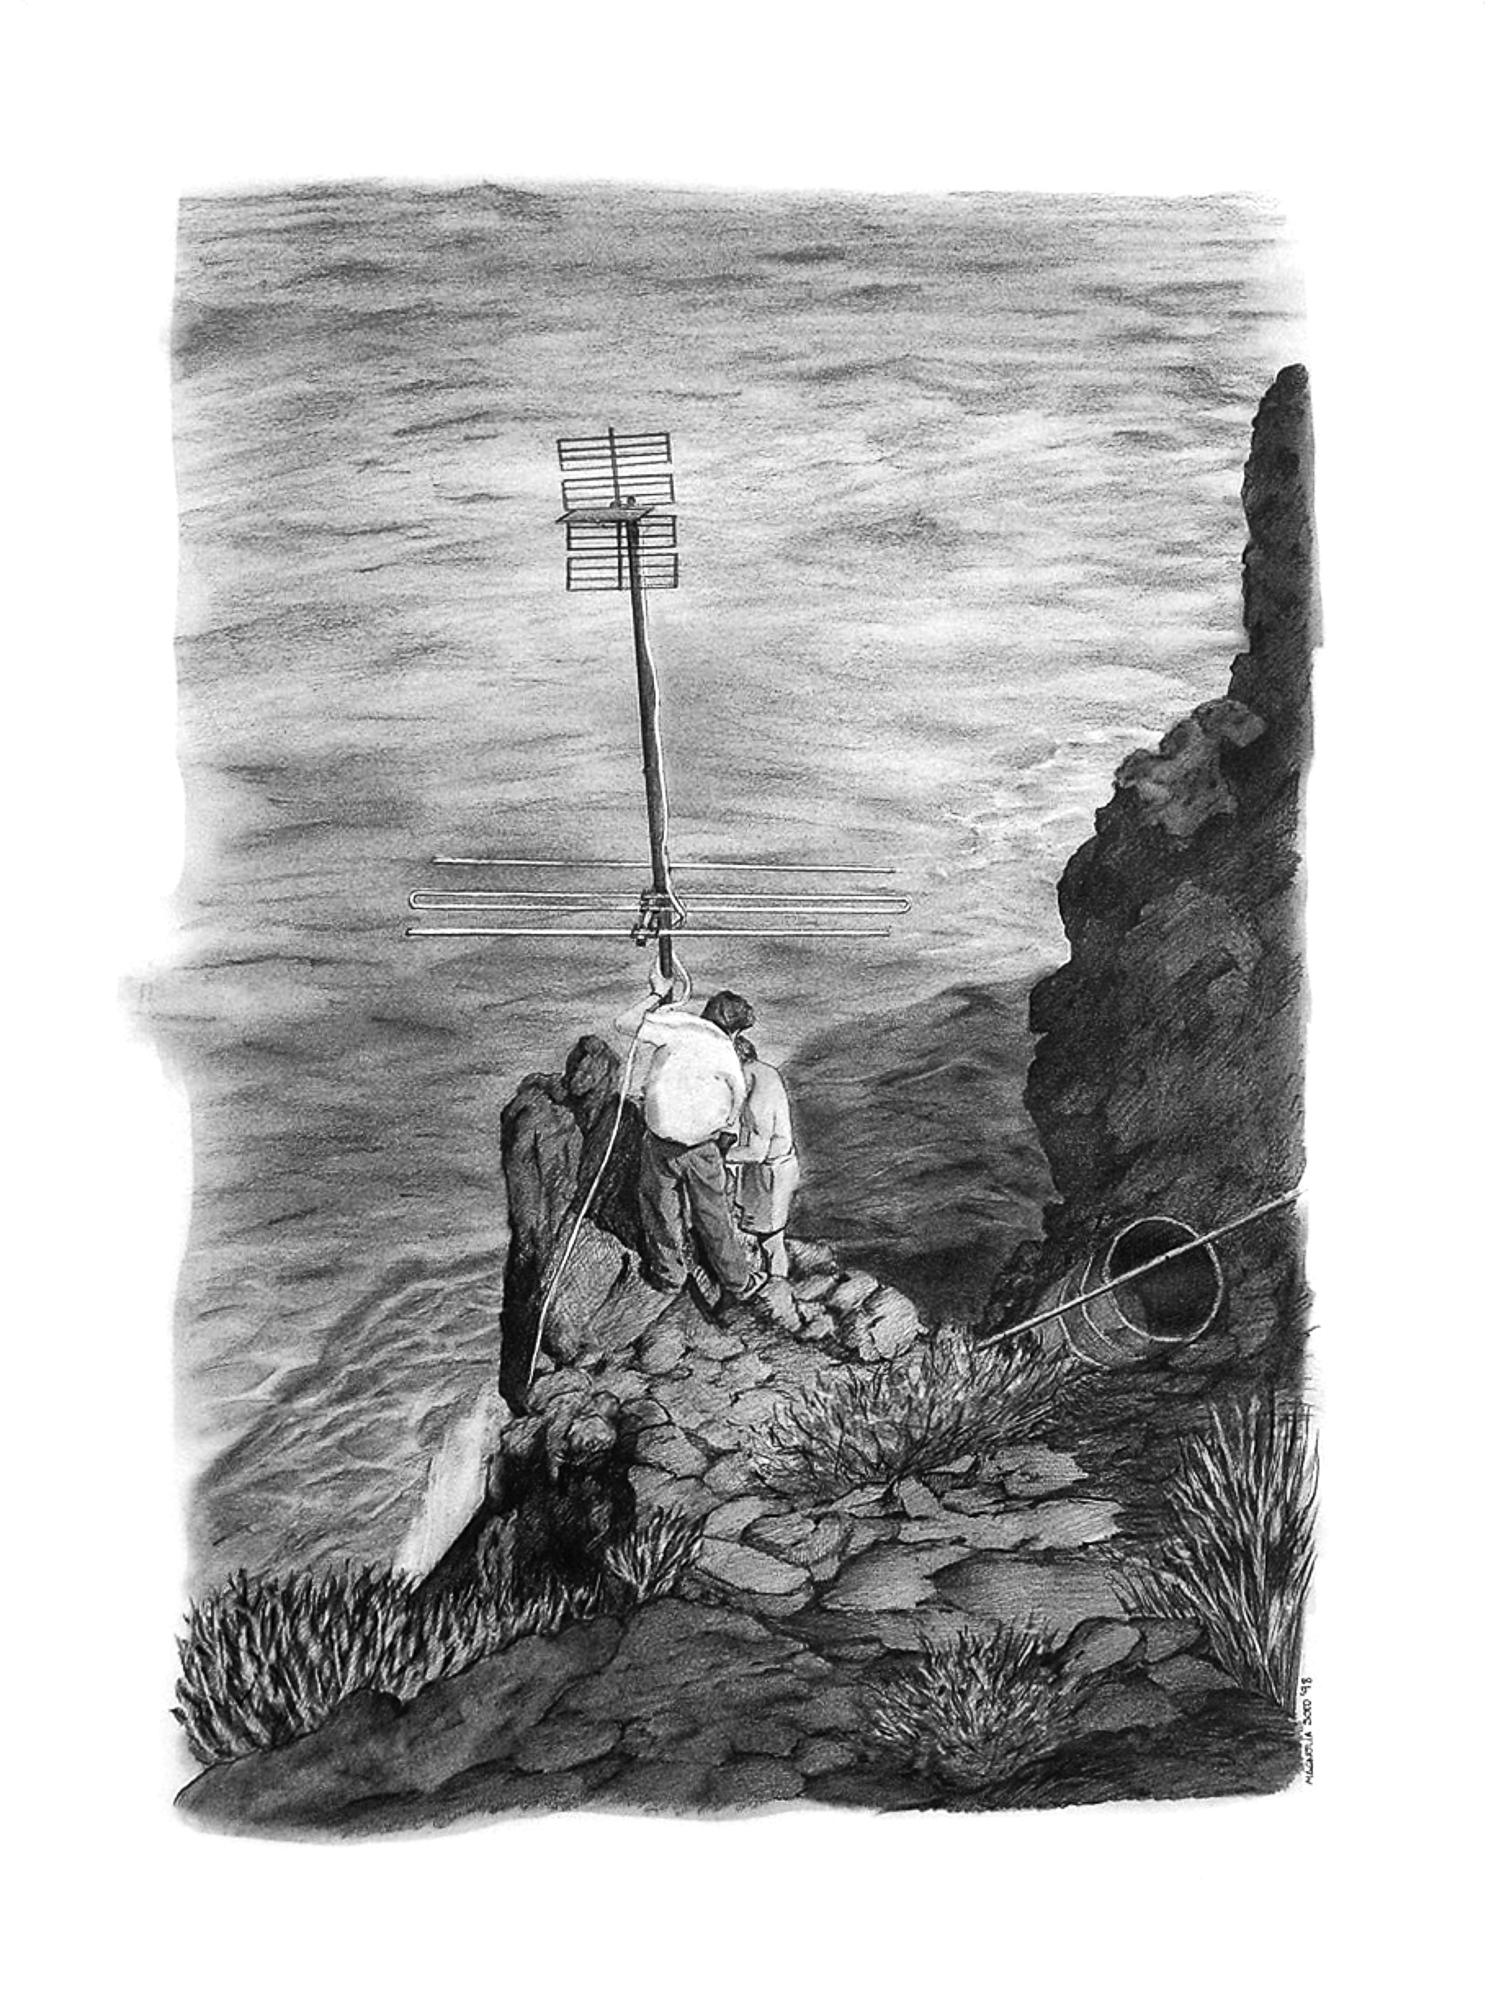 Magnolia Soto. Paisaje Canario 8. 1998. Grafito sobre papel. 50 x 37 cm.